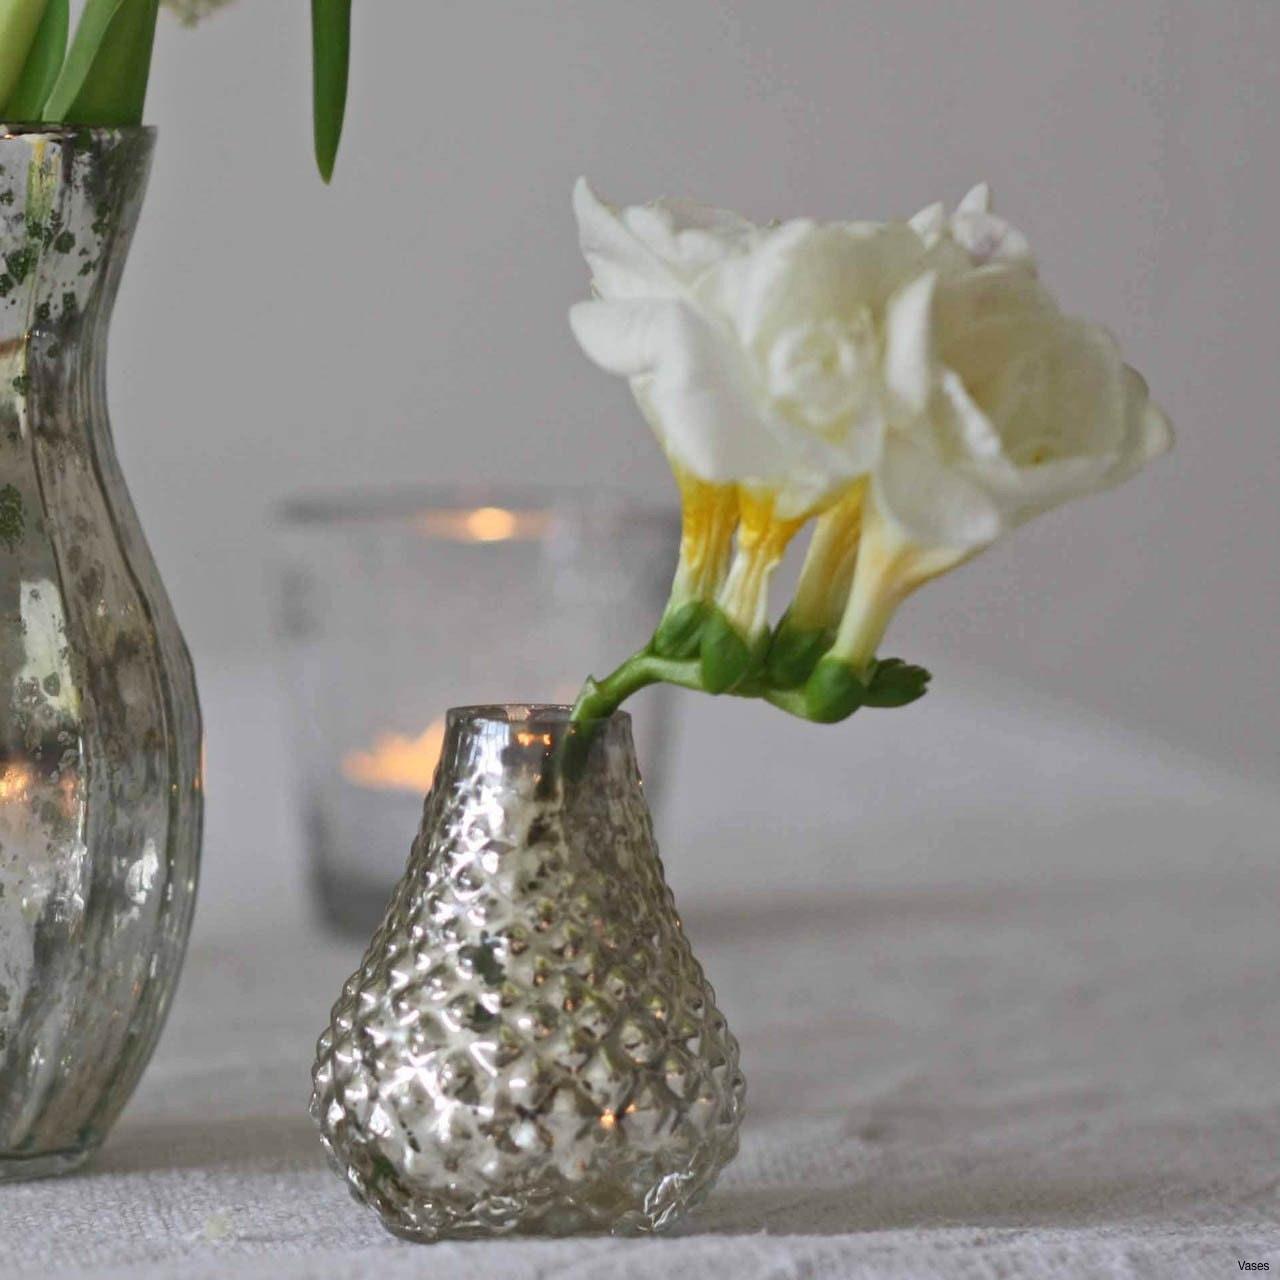 4ft vase of diy yard decor beautiful jar flower 1h vases bud wedding vase intended for diy yard decor beautiful jar flower 1h vases bud wedding vase centerpiece idea i 0d design